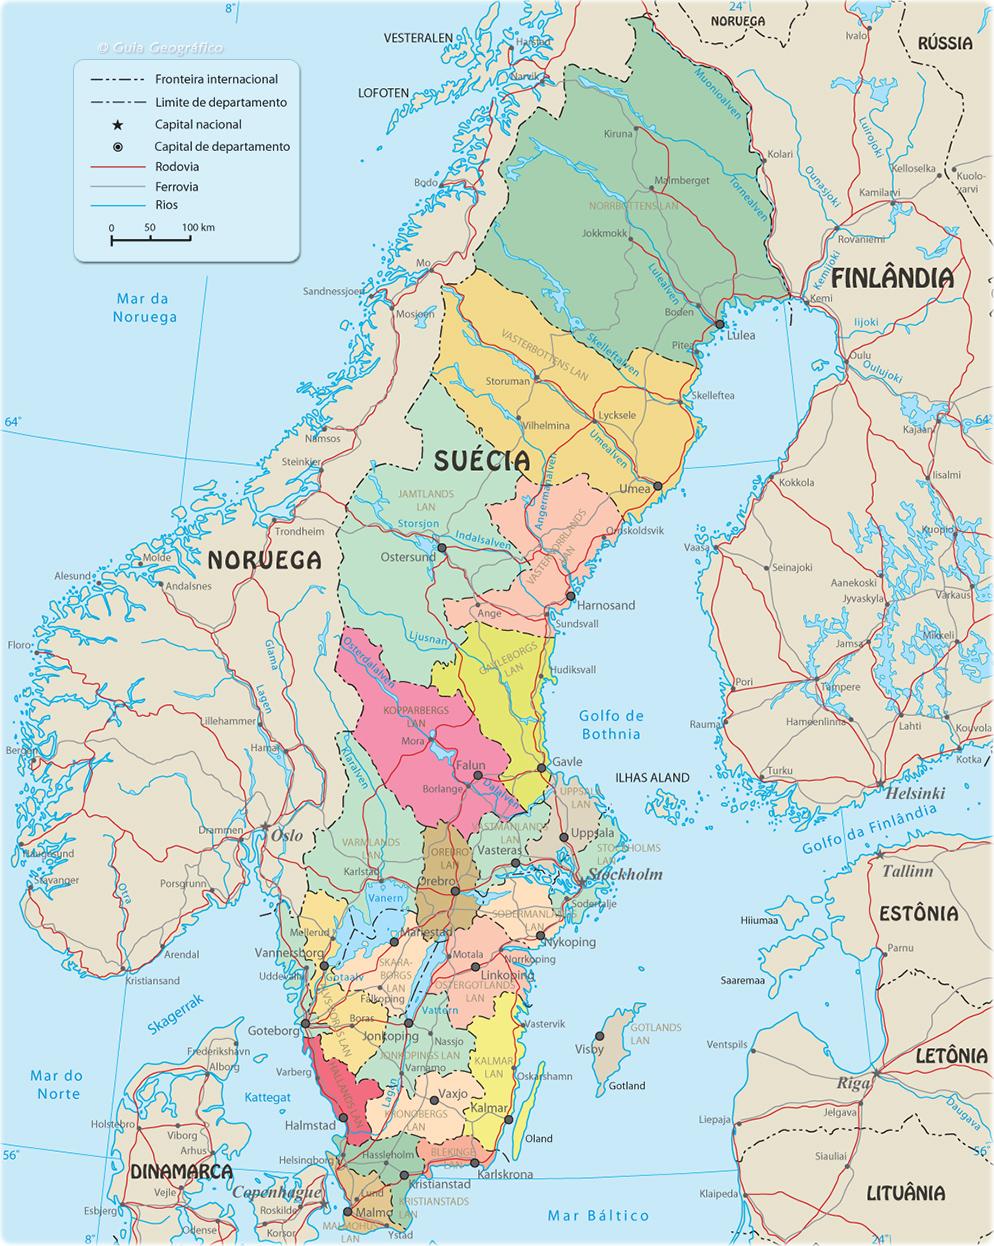 Mapa do Mar Baltico Pases